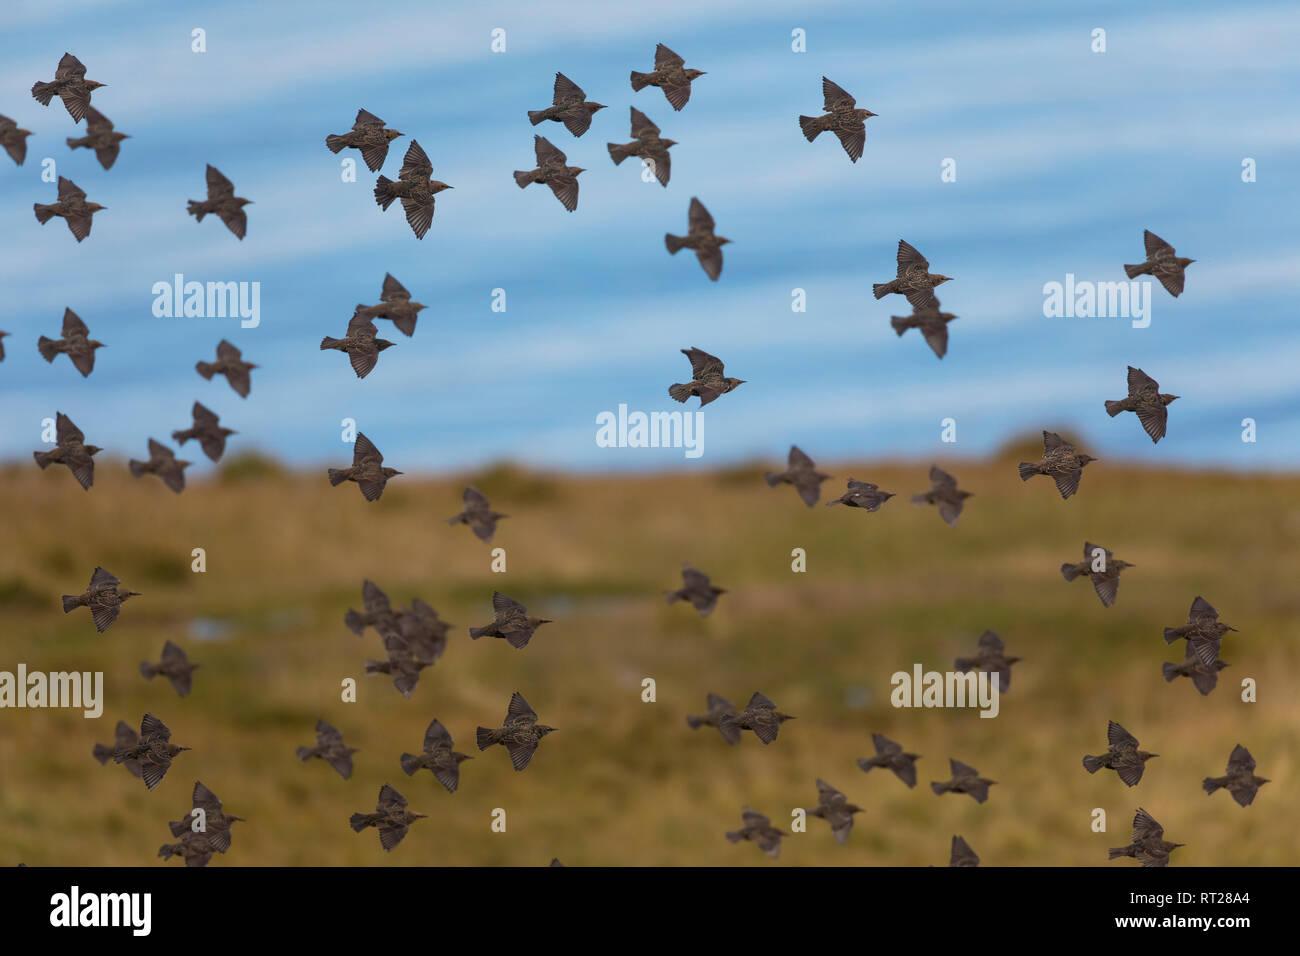 Star, Stare, Trupp, Schwarm, Starenschwarm, sammeln sich im Herbst zum Zug gen Süden, Sturnus vulgaris, European starling, common starling, L'Étournea - Stock Image